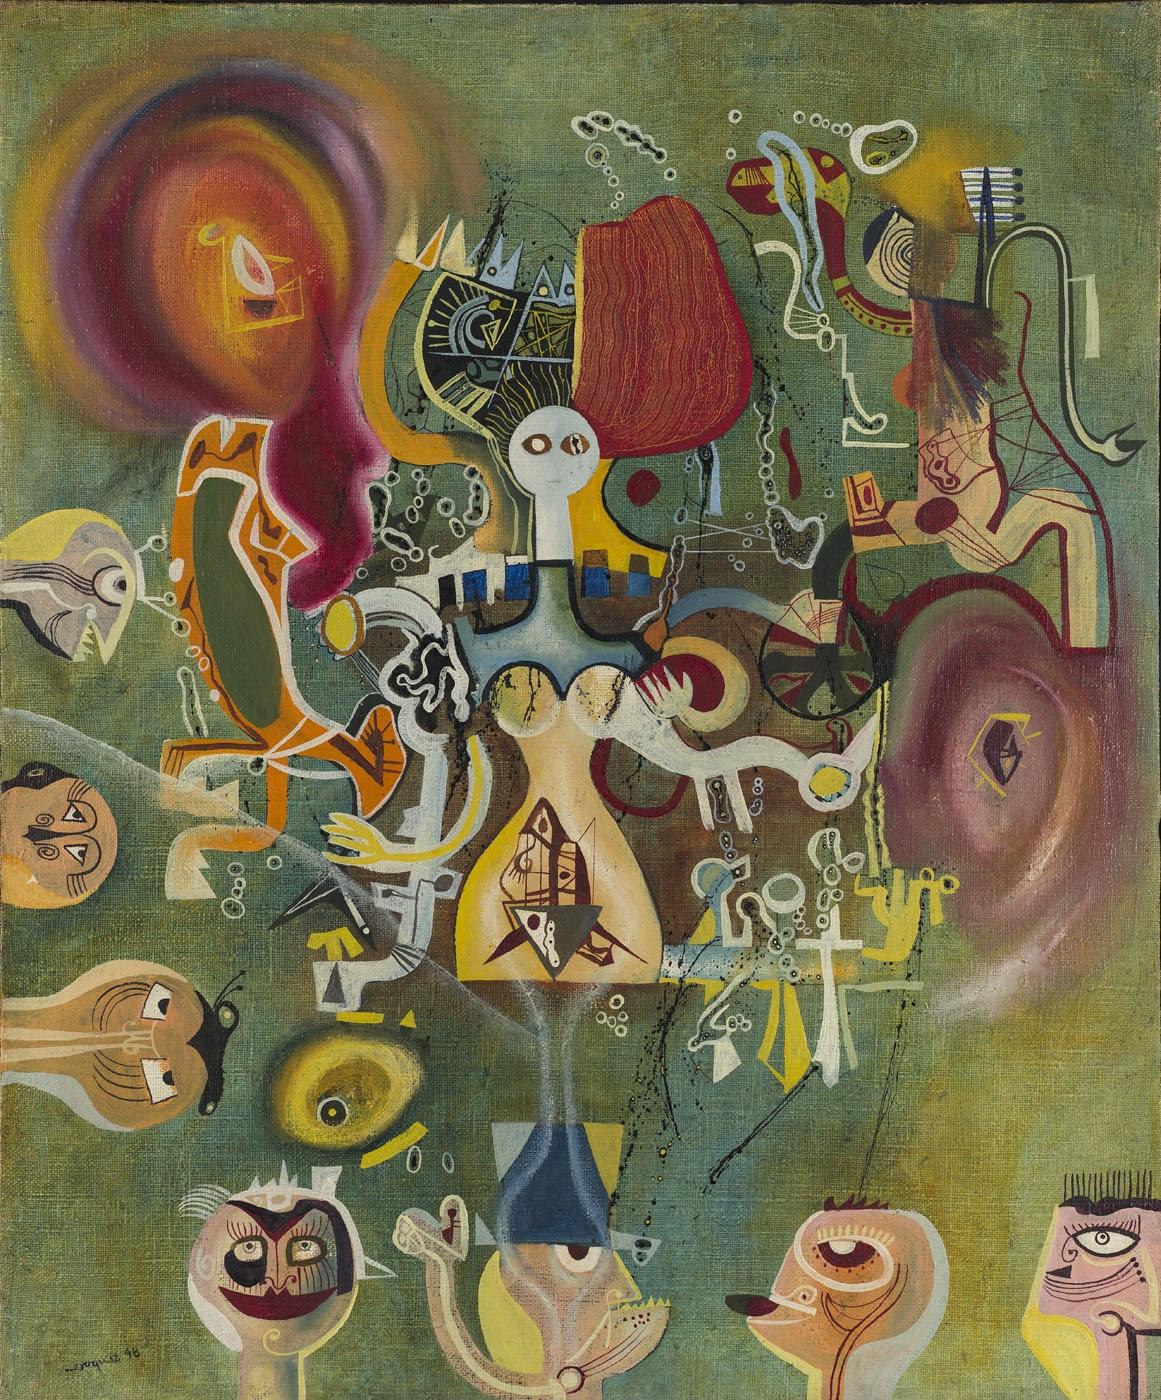 Polscy malarze współcześni: Marian Bogusz